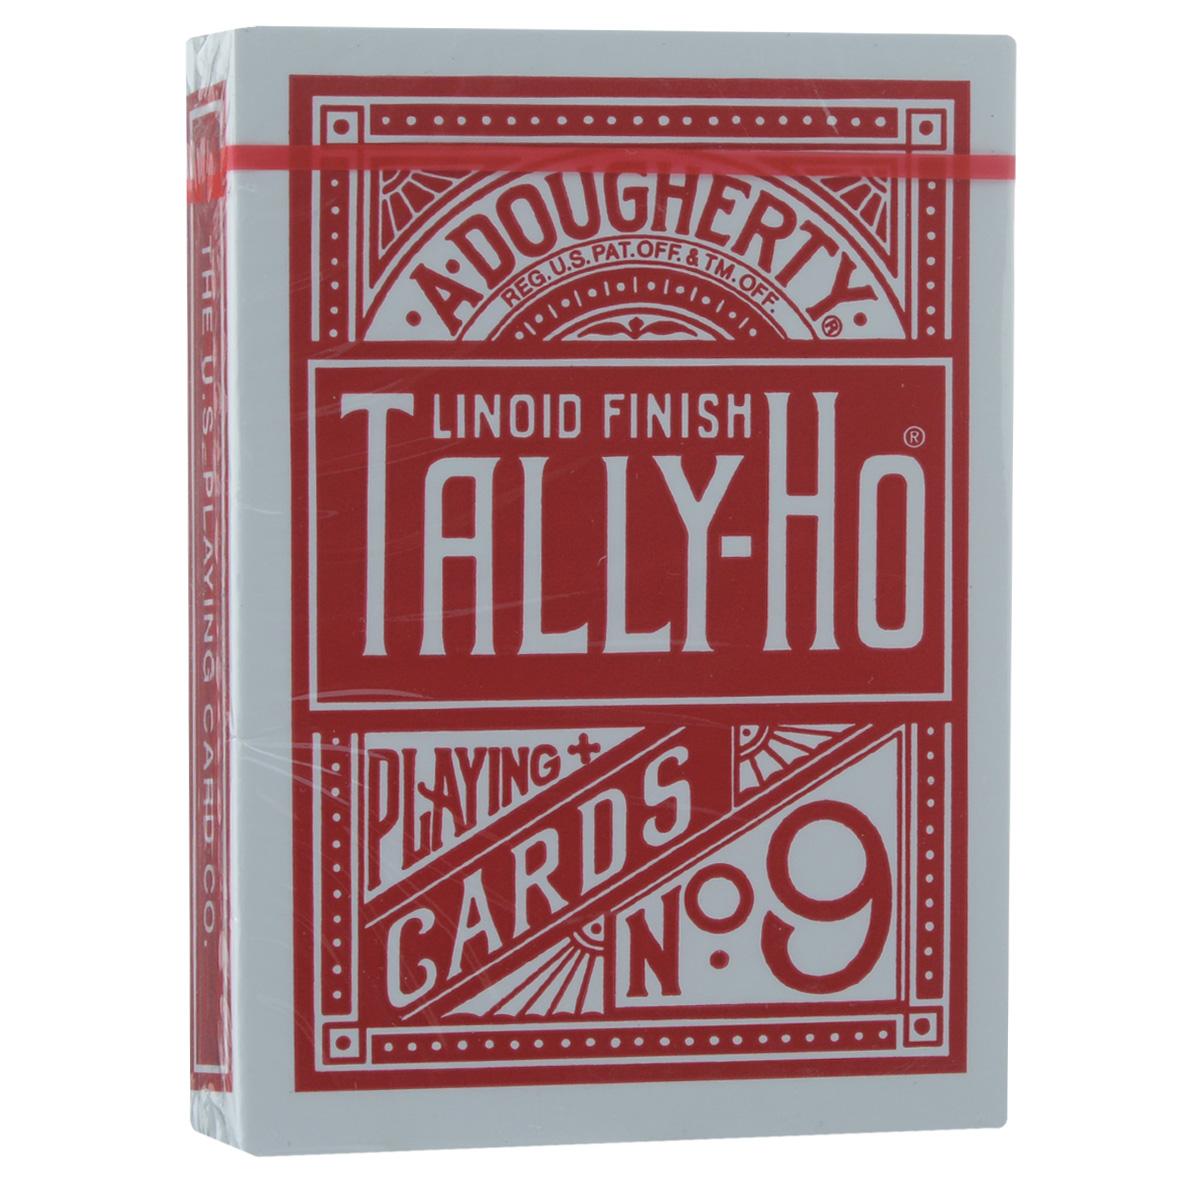 Игральные карты Tally-Ho Fan Back, цвет: красный, 54 штTALLY_FAN_REDИгральные карты Tally-Ho Fan Back изготовлены из многослойного картона со специальным пластиковым покрытием Linoid Finish, которое обеспечивает хорошее скольжение и жесткость, а также сохраняет карты от выцветания и изнашивания. Карты стандартного покерного размера и дизайна. Рубашки имеют красивый рисунок в китайском стиле с белой окантовкой. С такими картами очень просто сделать веер и флориш, они легко летают, идеально подходят для фокусов, различных трюков и манипуляций.